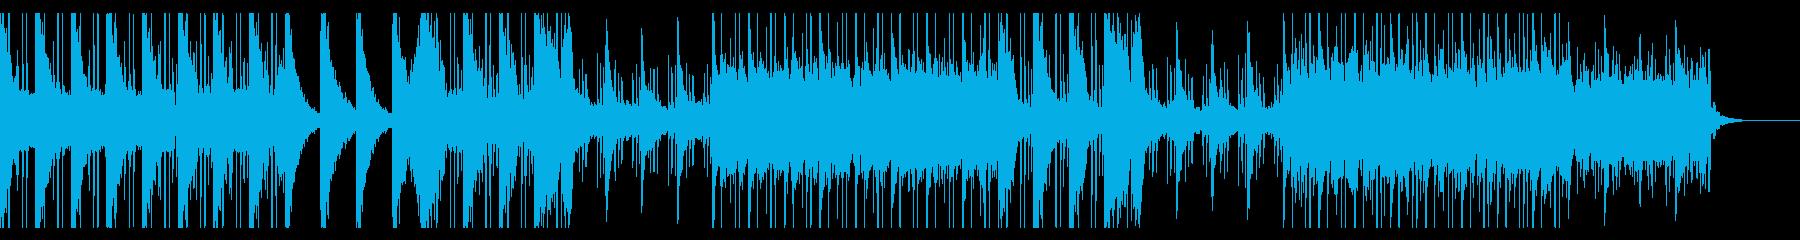 落ち着いたエレクトロ 朝 神秘 始まりの再生済みの波形